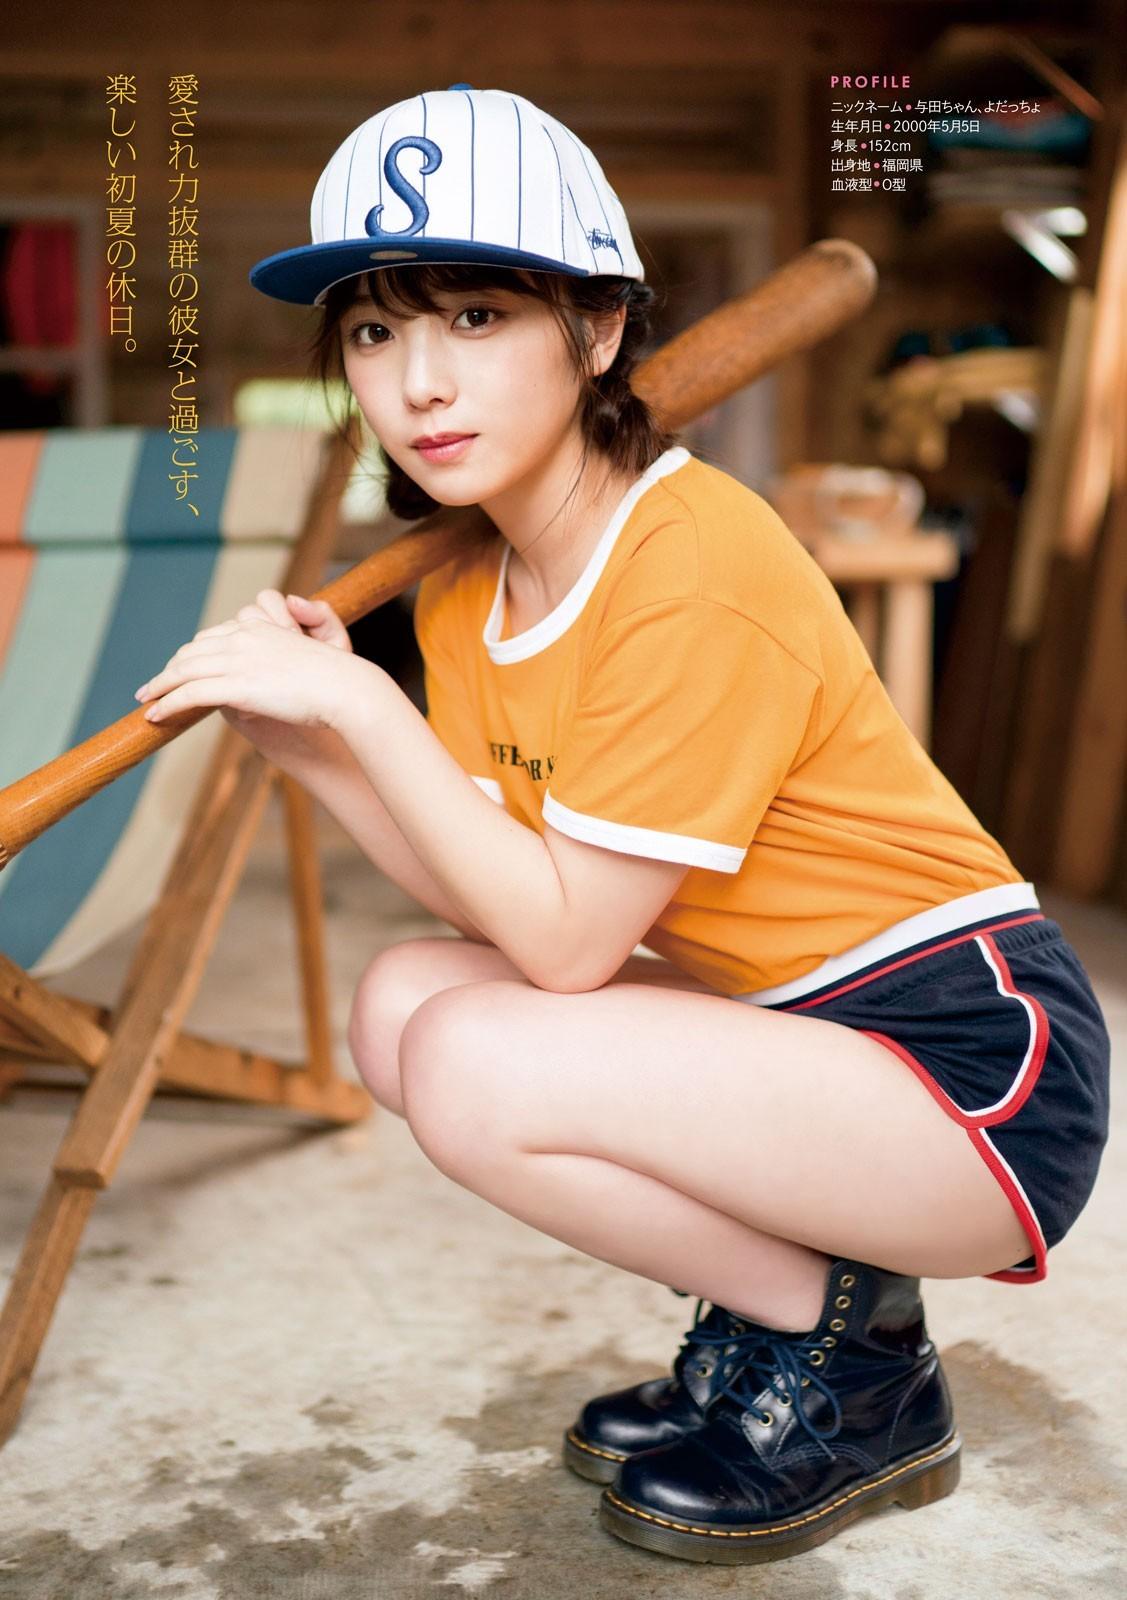 与田祐希 Young Magazine 碧蓝之海